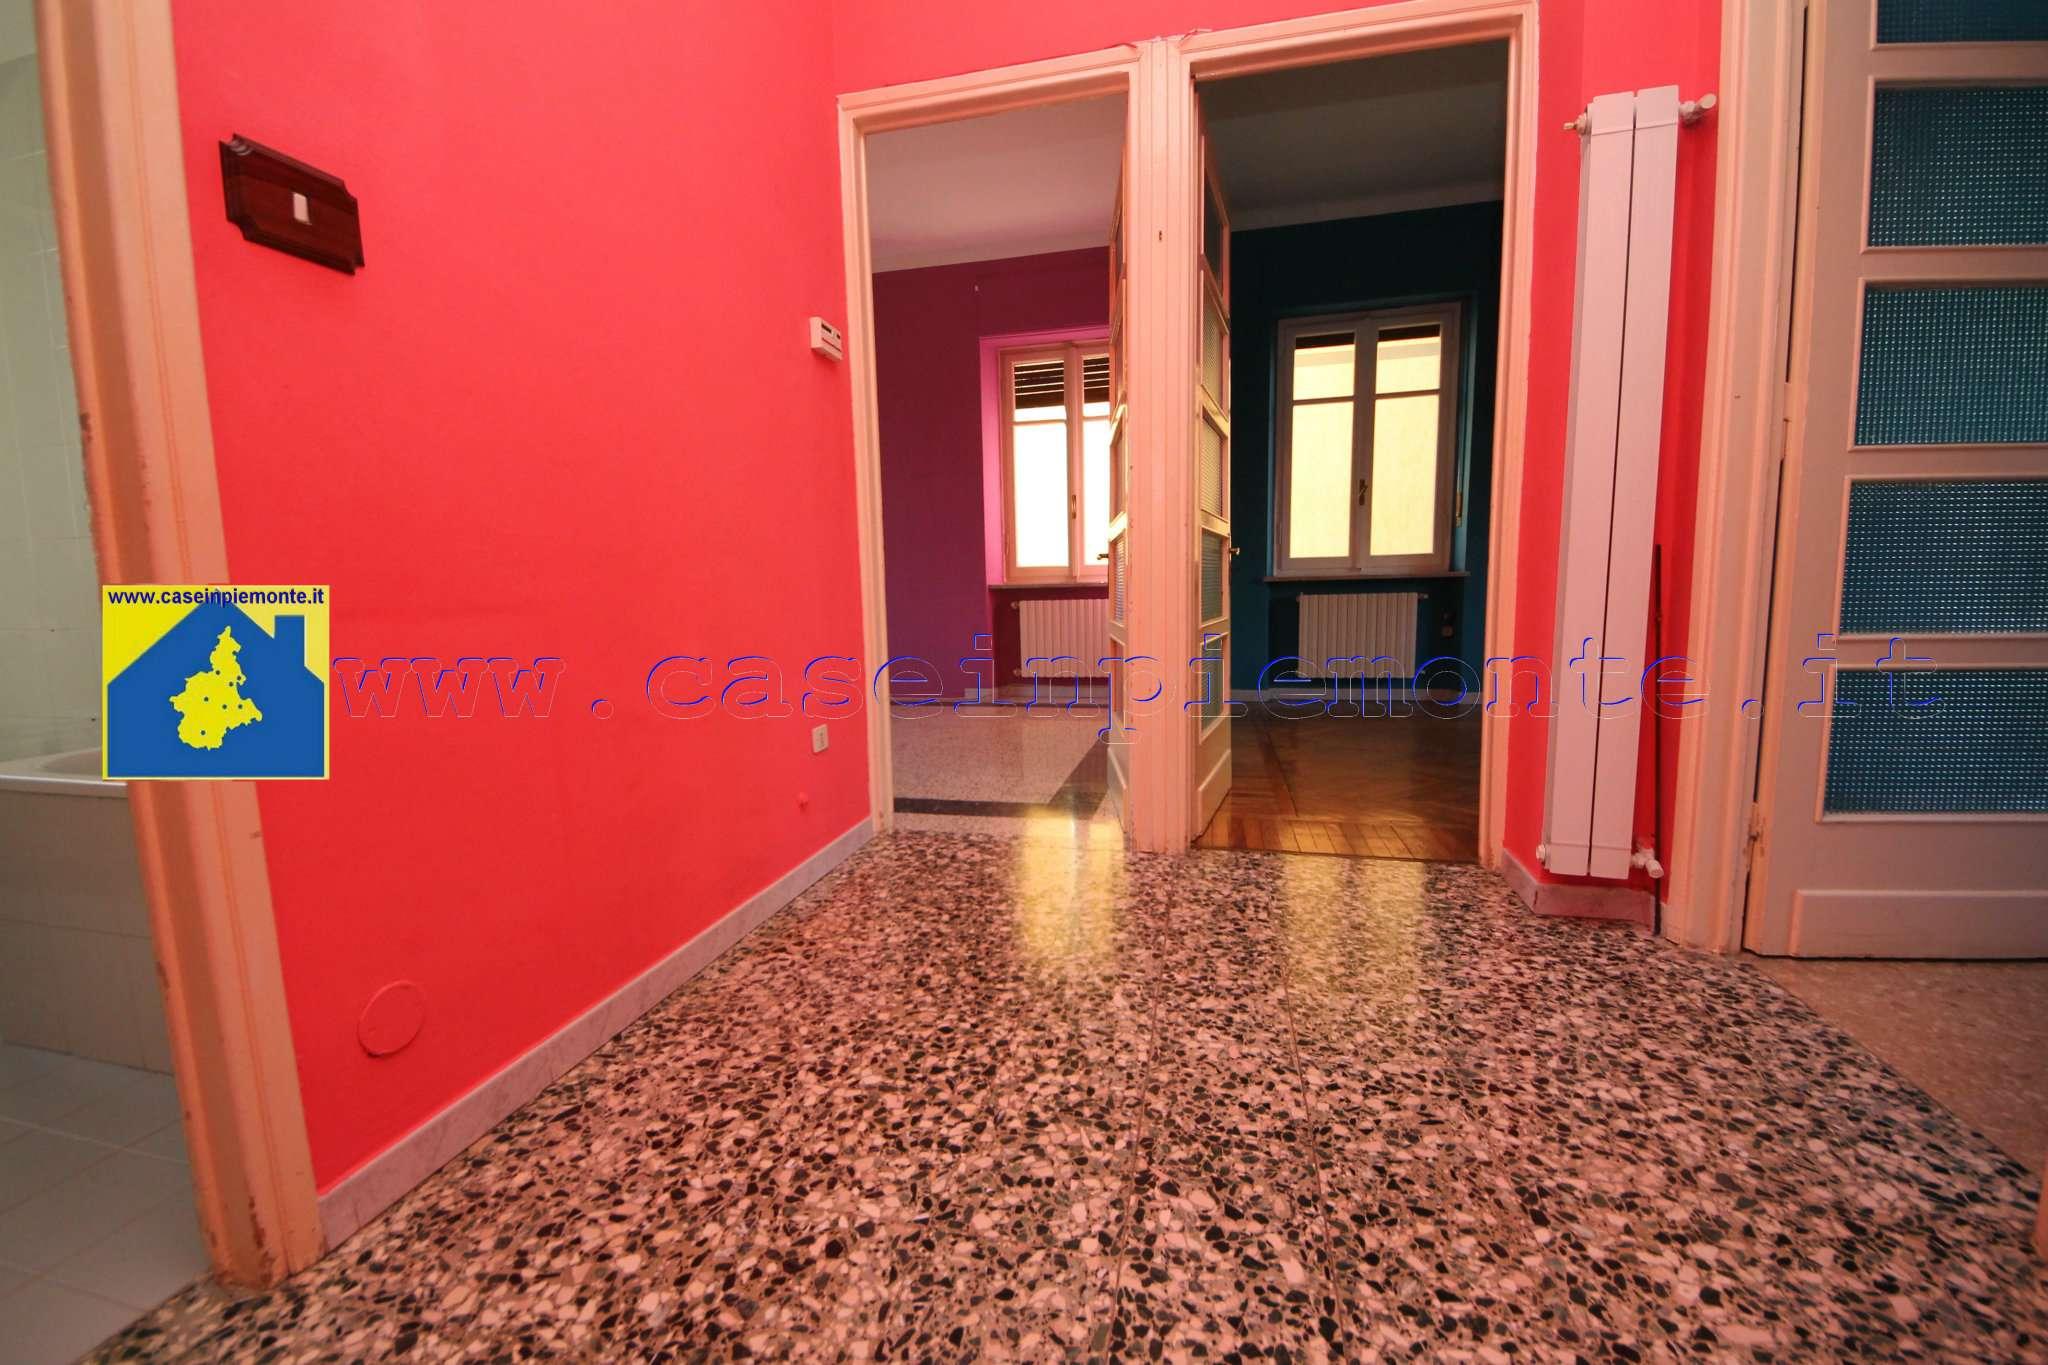 Appartamento in vendita a Rivoli, 3 locali, prezzo € 99.000 | CambioCasa.it